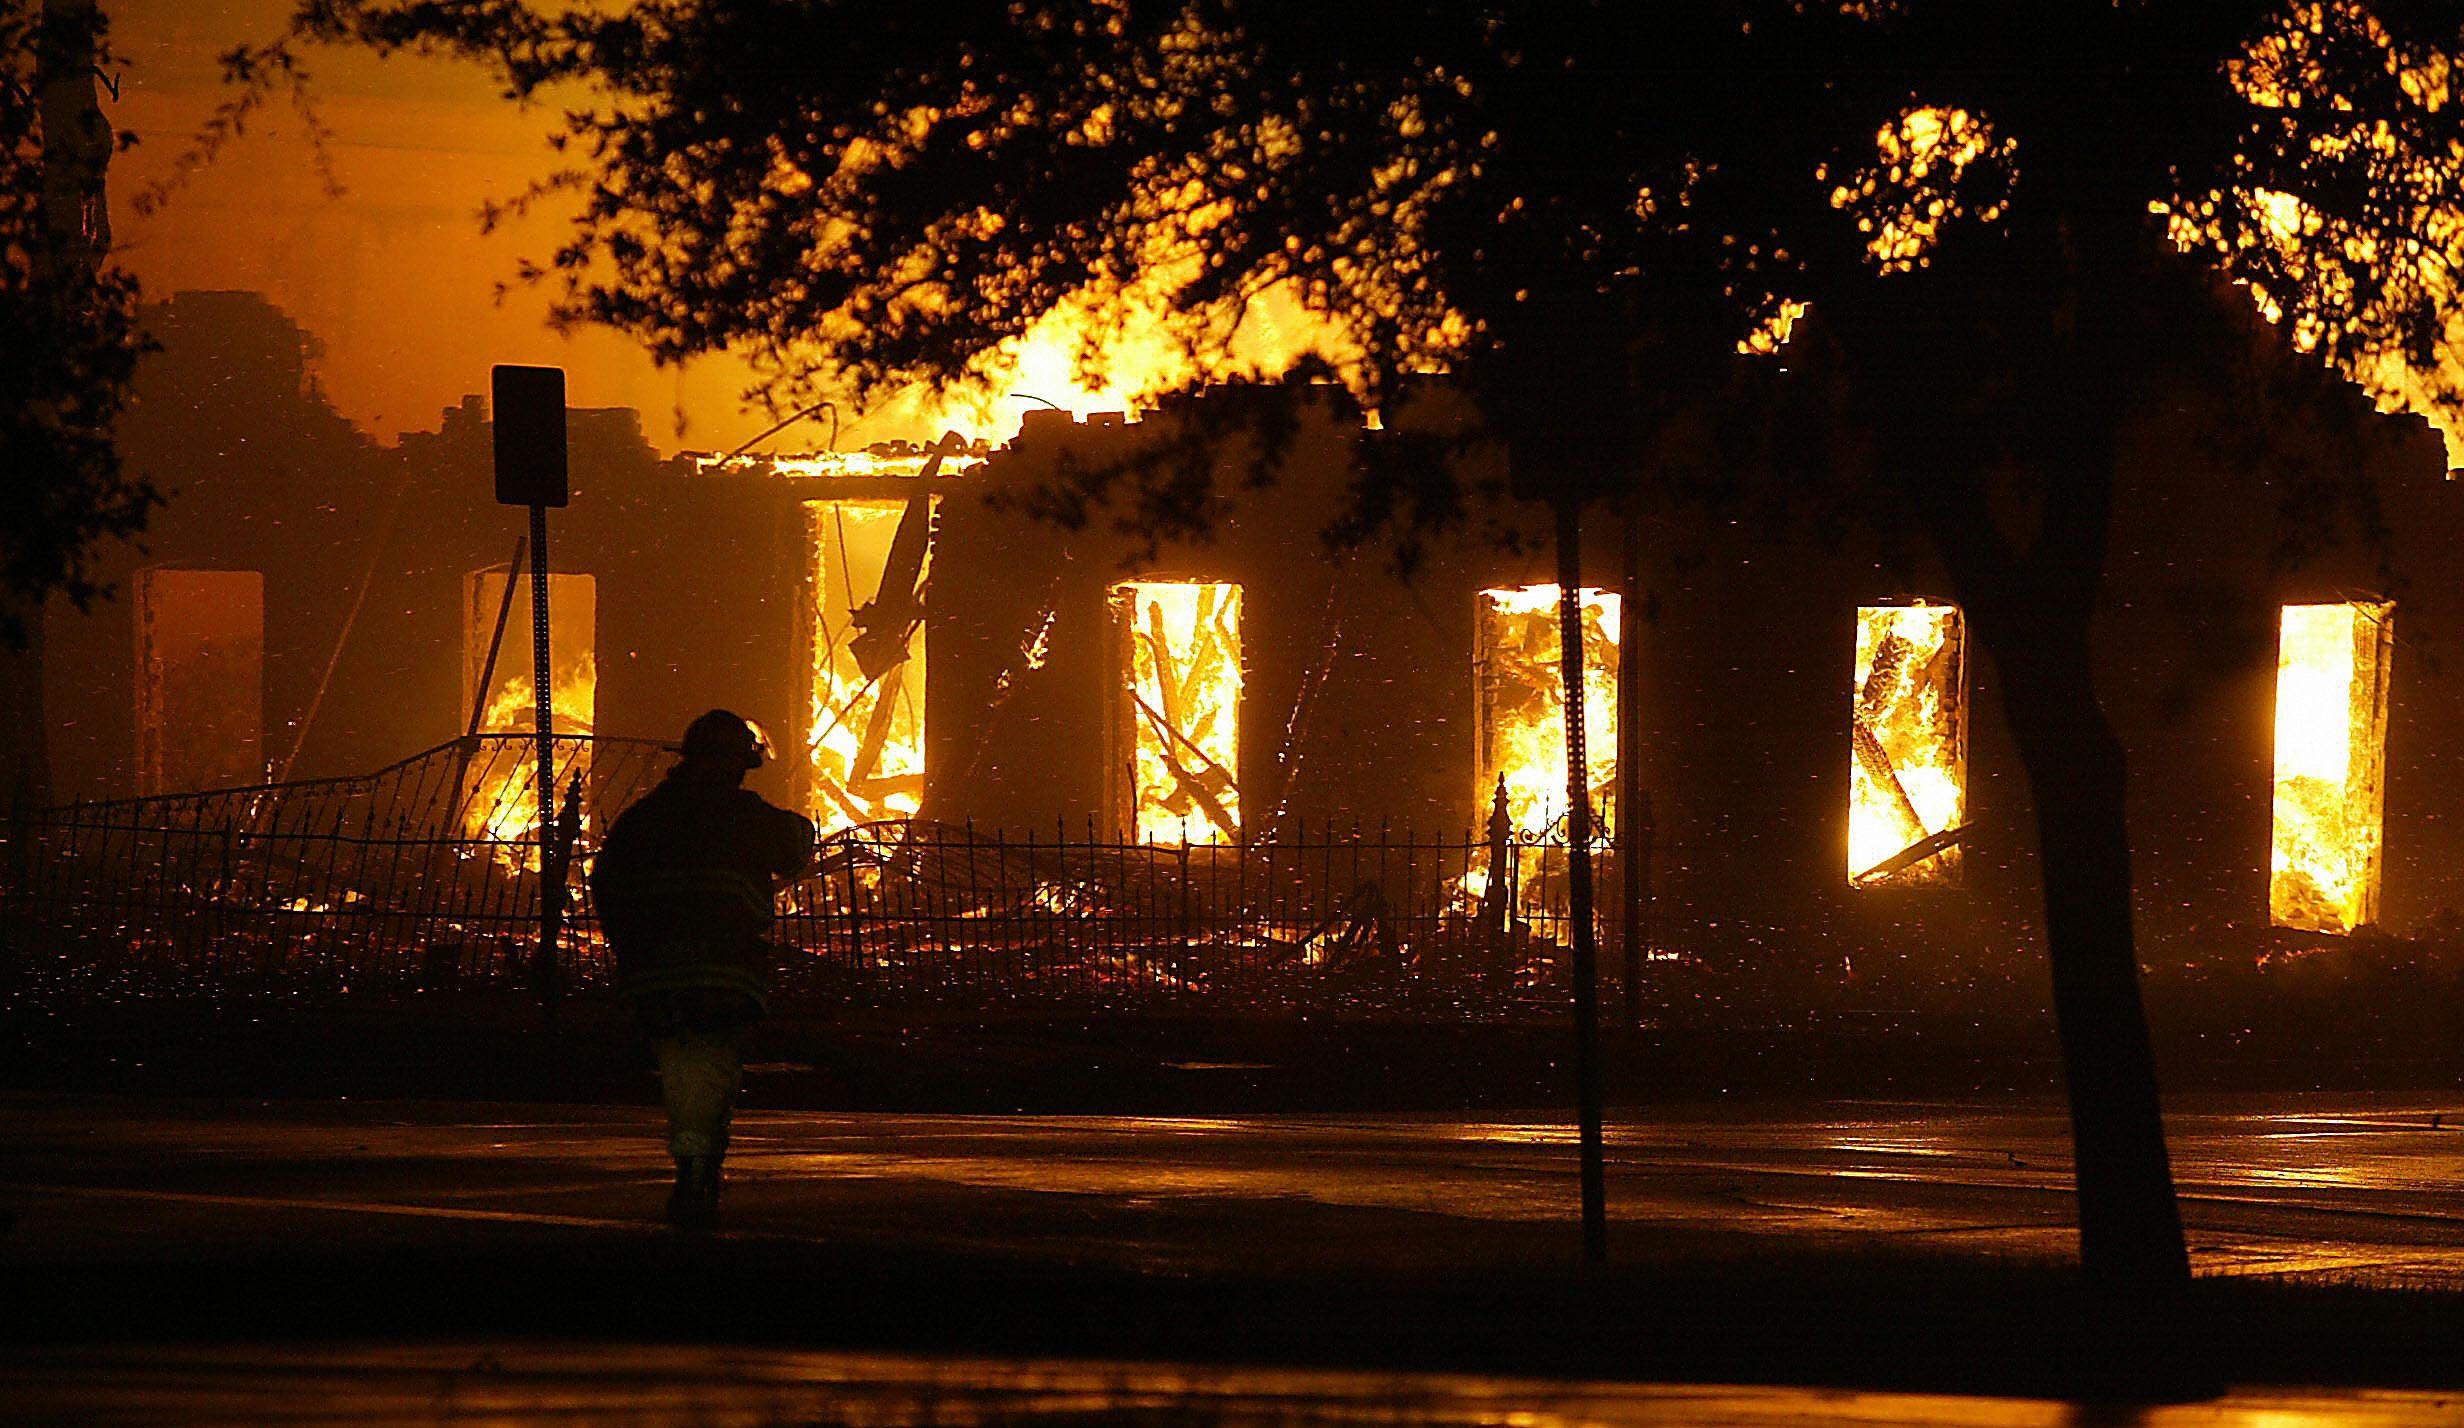 San Marcos Fire Apartment Blaze Damages Multiple